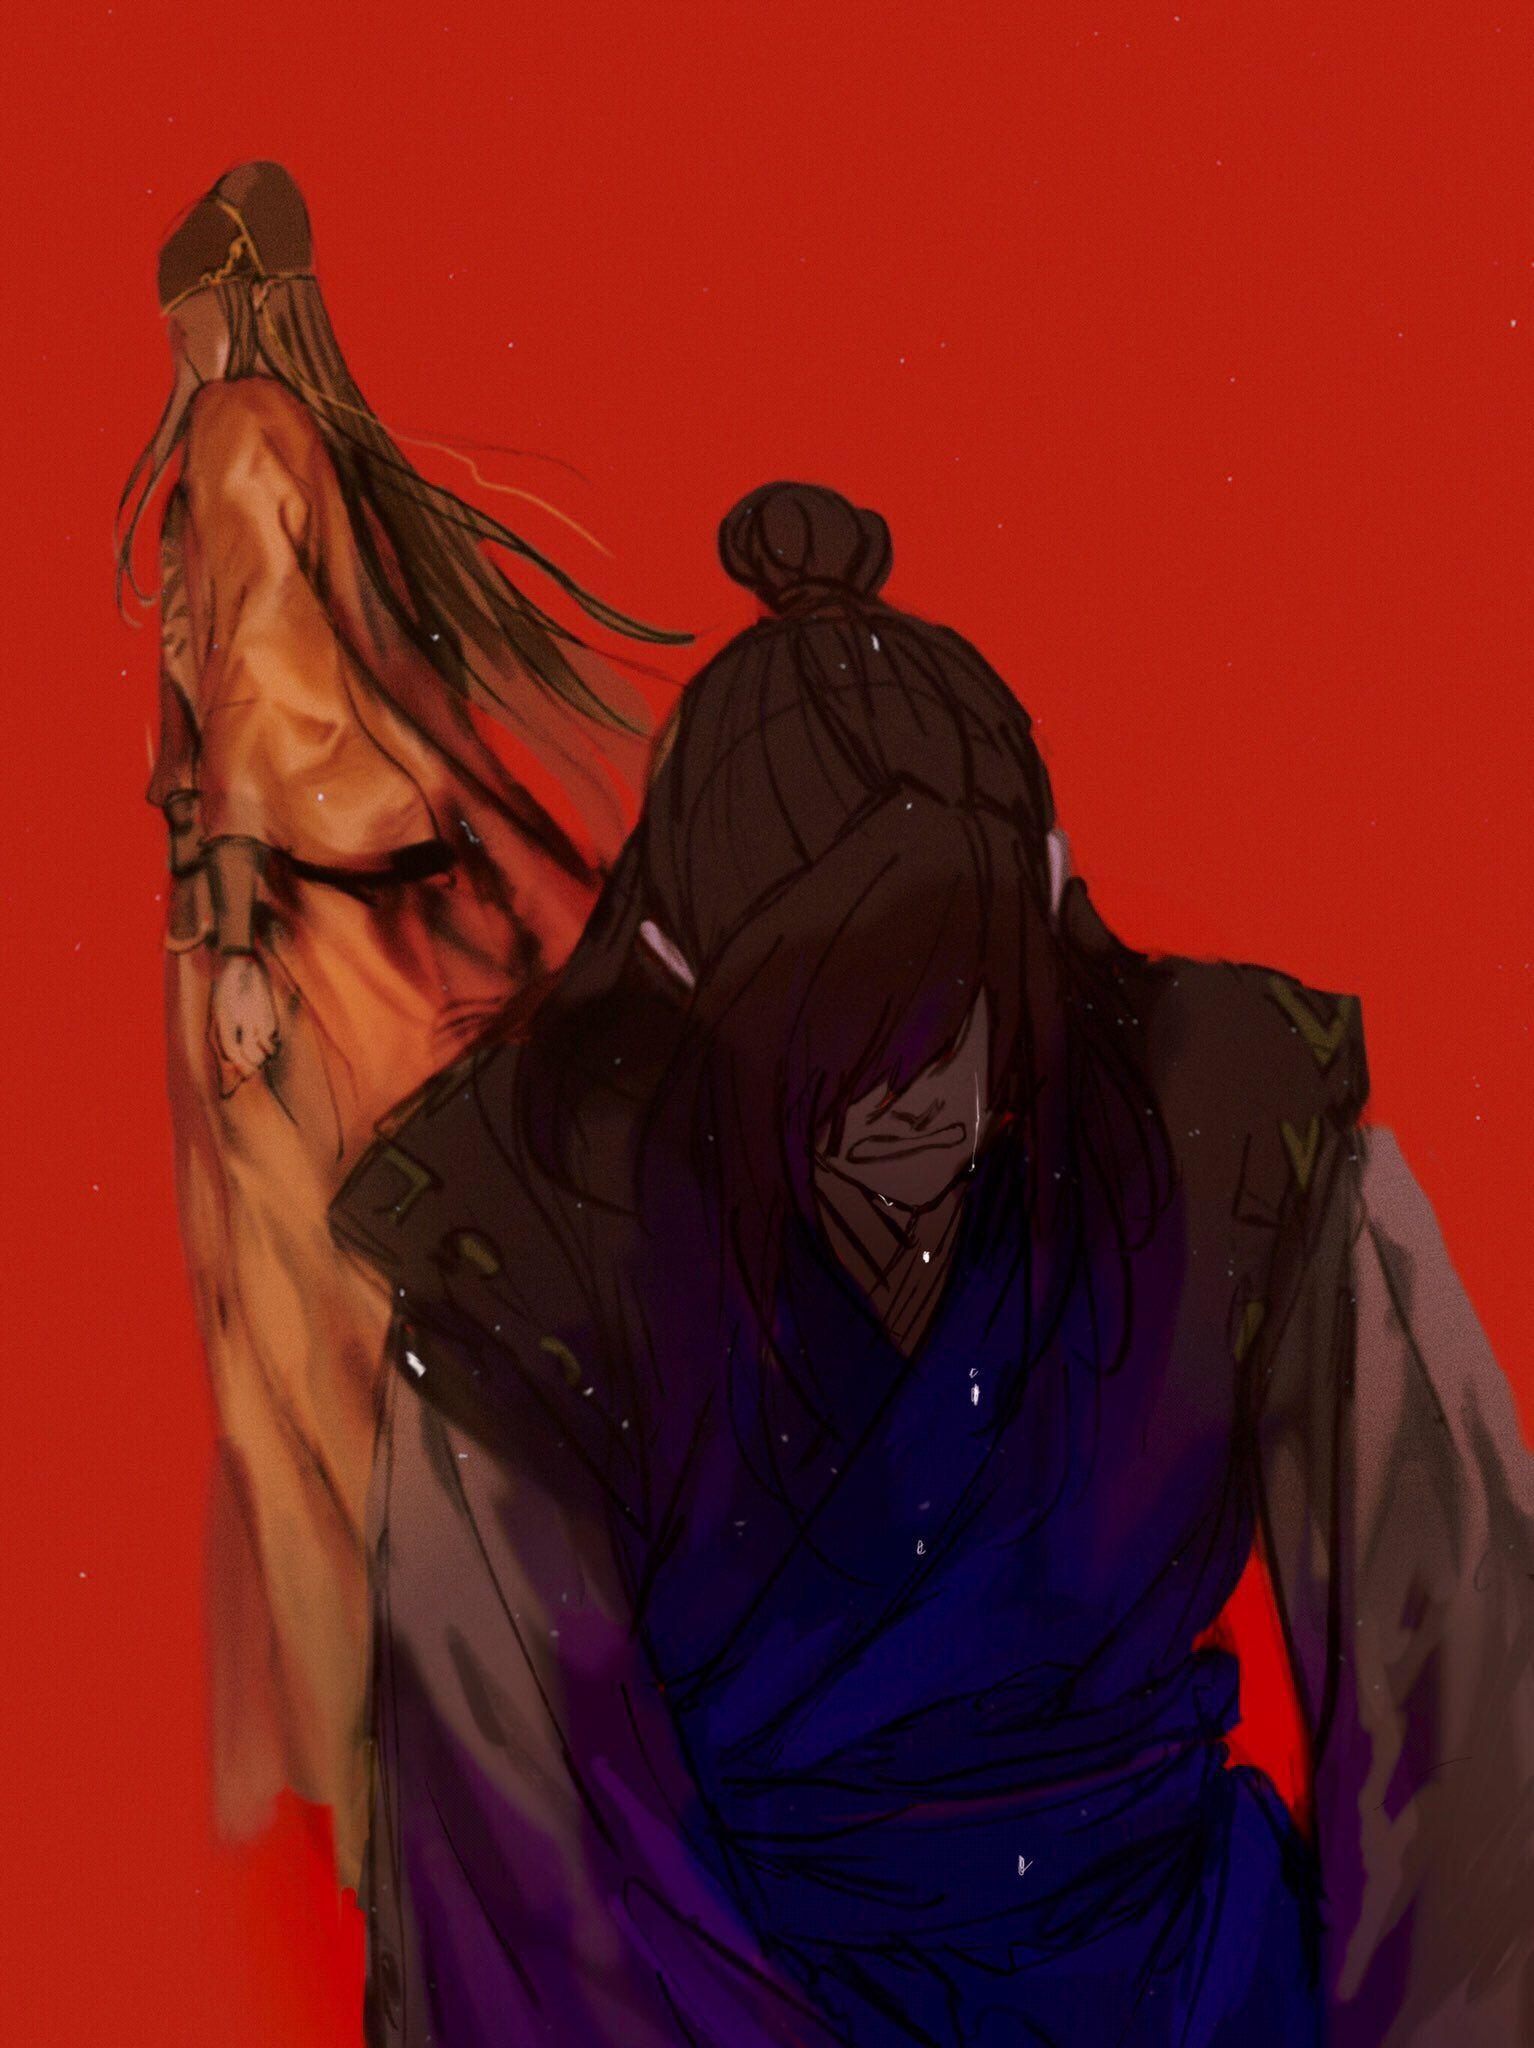 Ghim của Thit NuSwe trên Manhua trong 2020 Anime, Manga